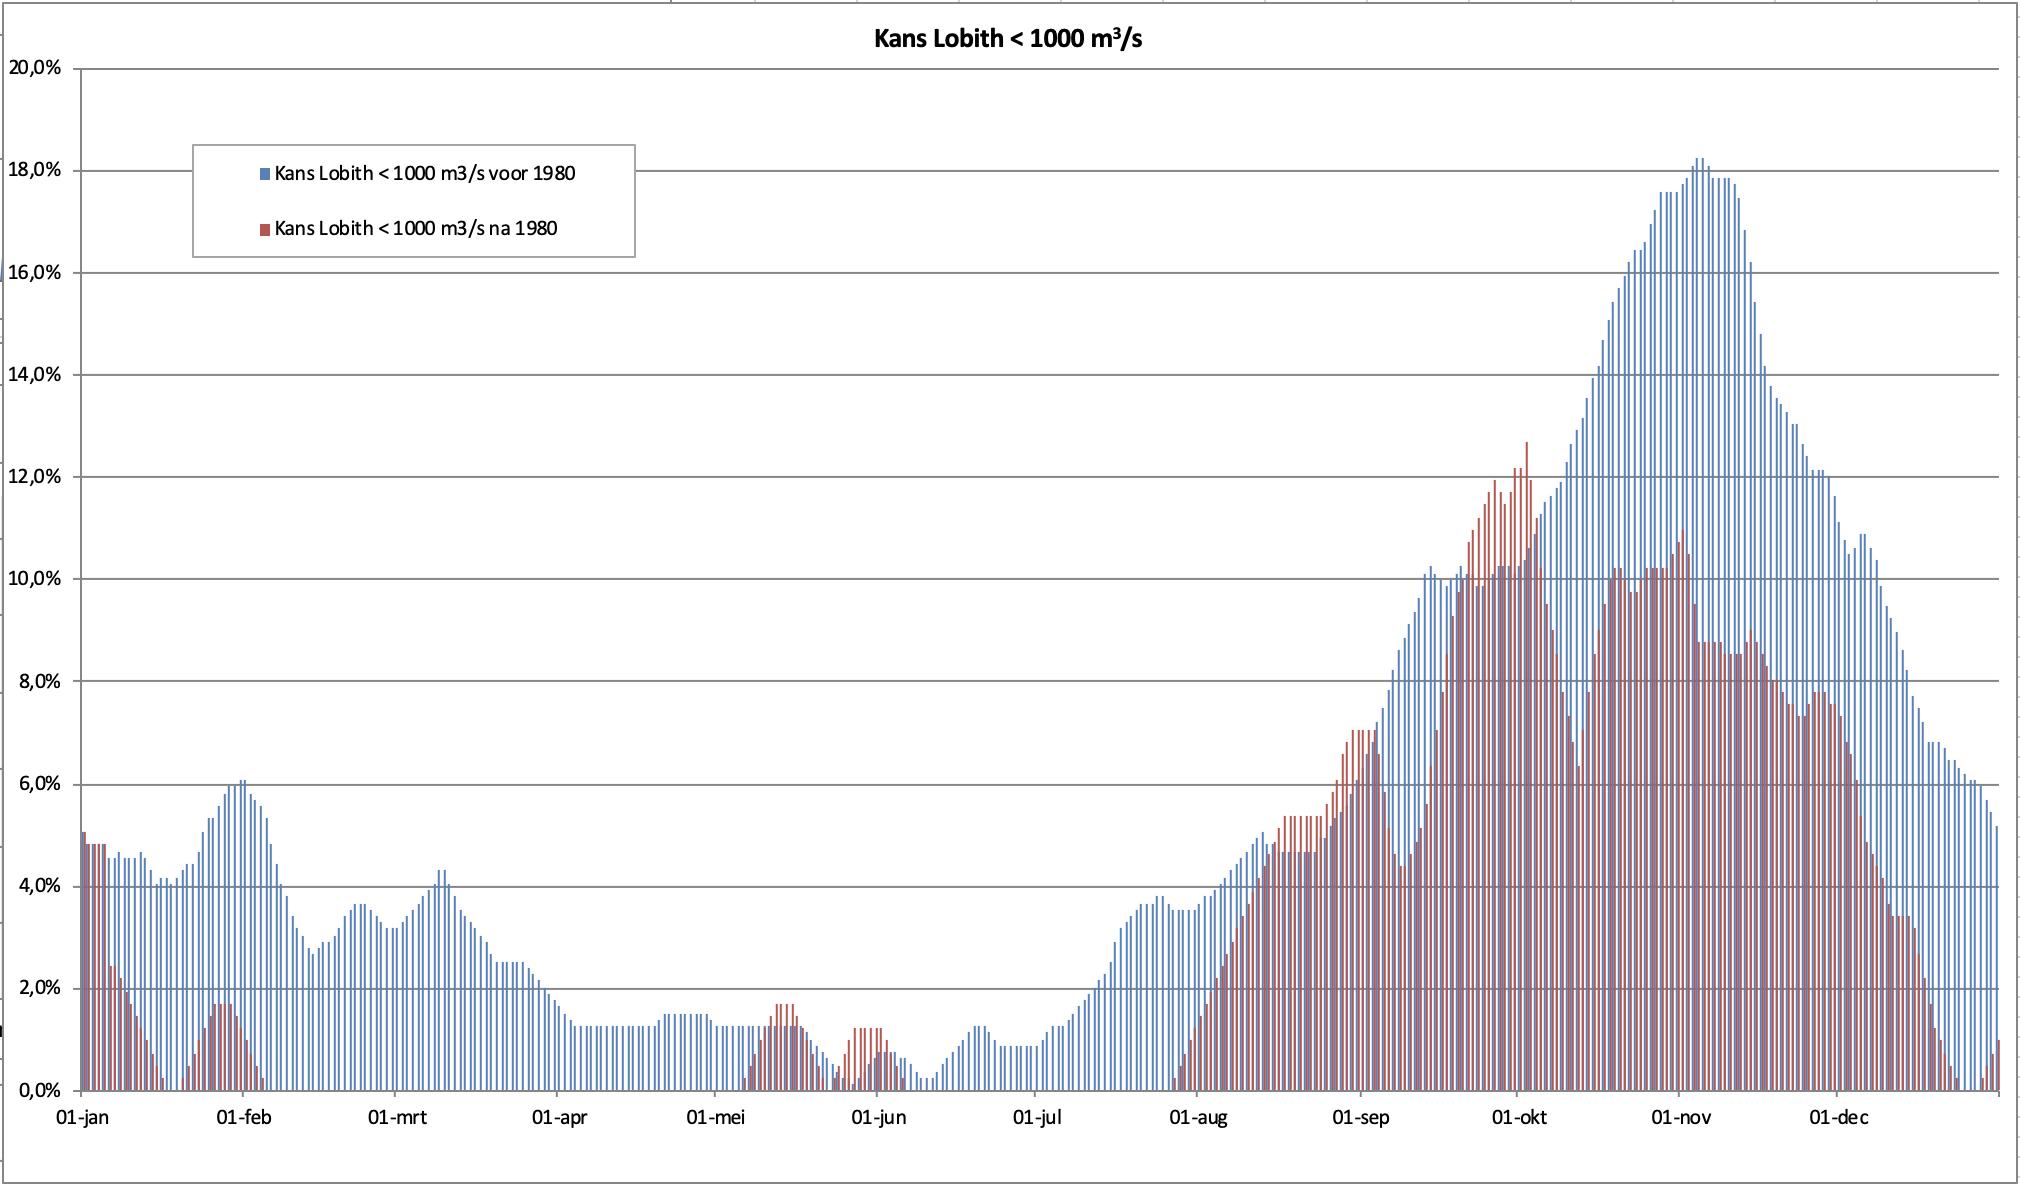 De kans dat op een dag in het jaar een zeer lage afvoer (< 1.000 m3/s) optreedt in de Rijn. In blauw de kans voor de jaren tot 1980 en in rood de kans voor de jaren na die tijd.